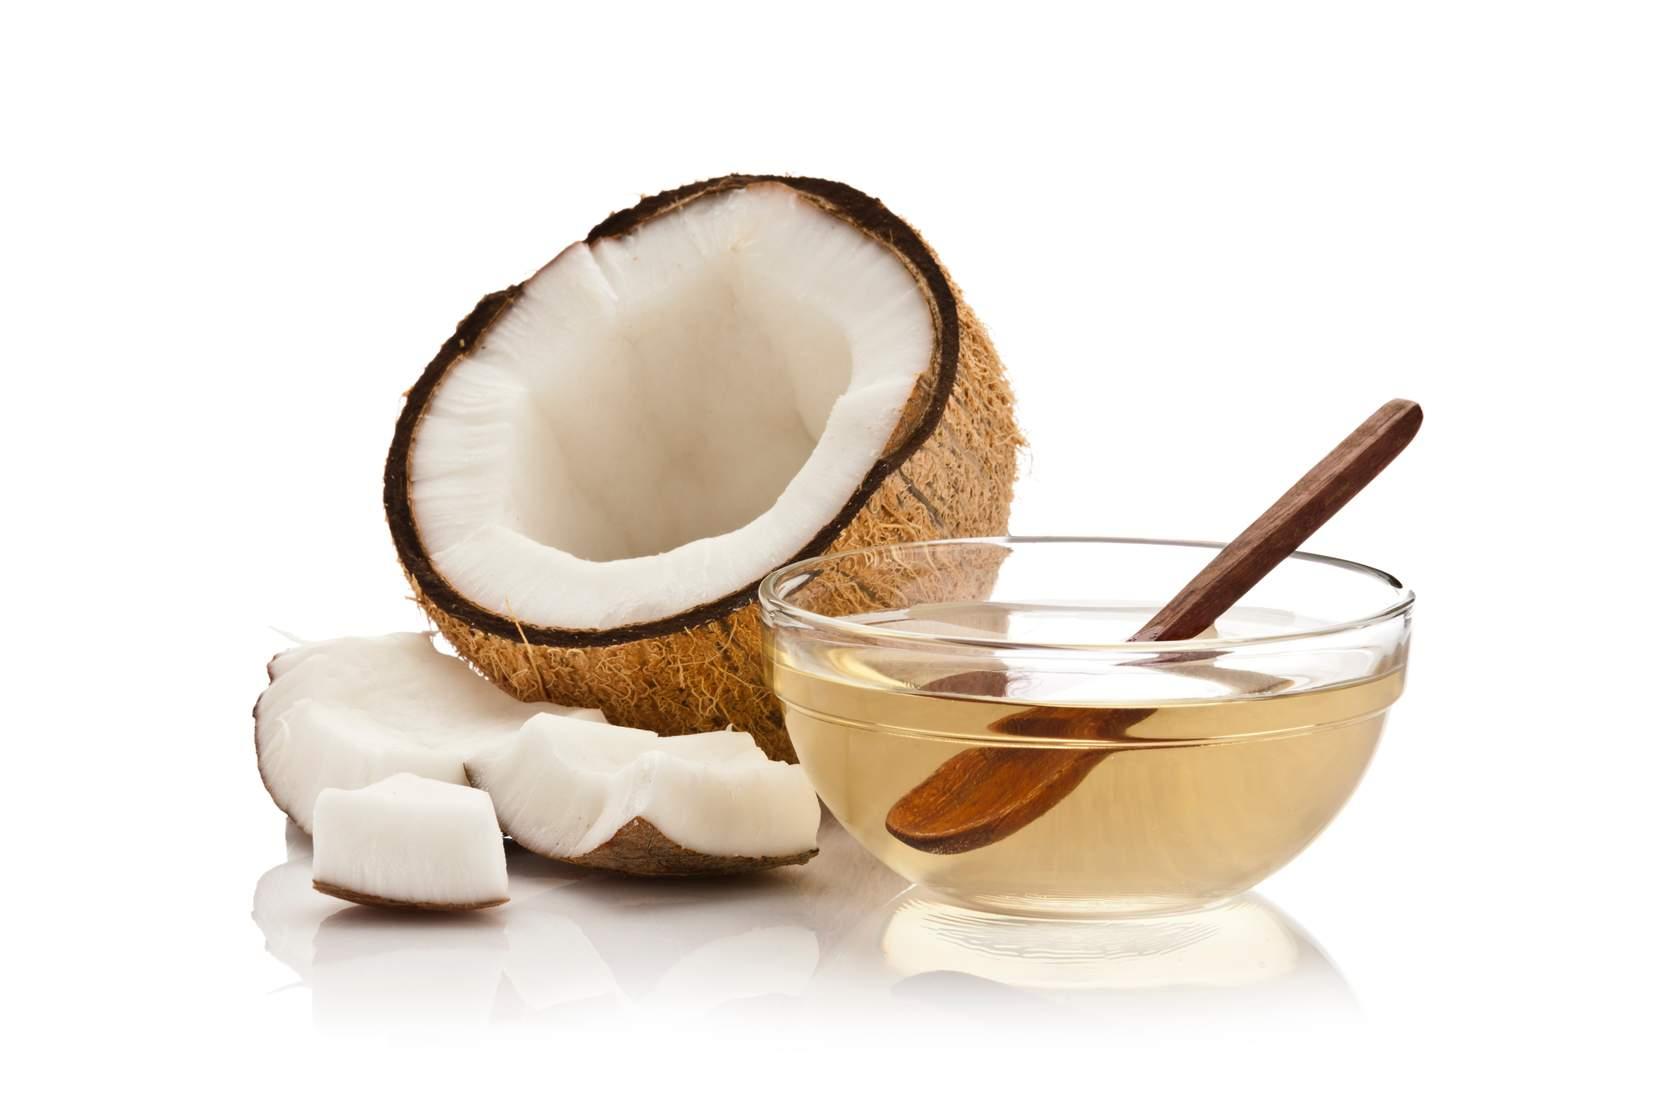 Aceite de coco para diluir aceites esenciales